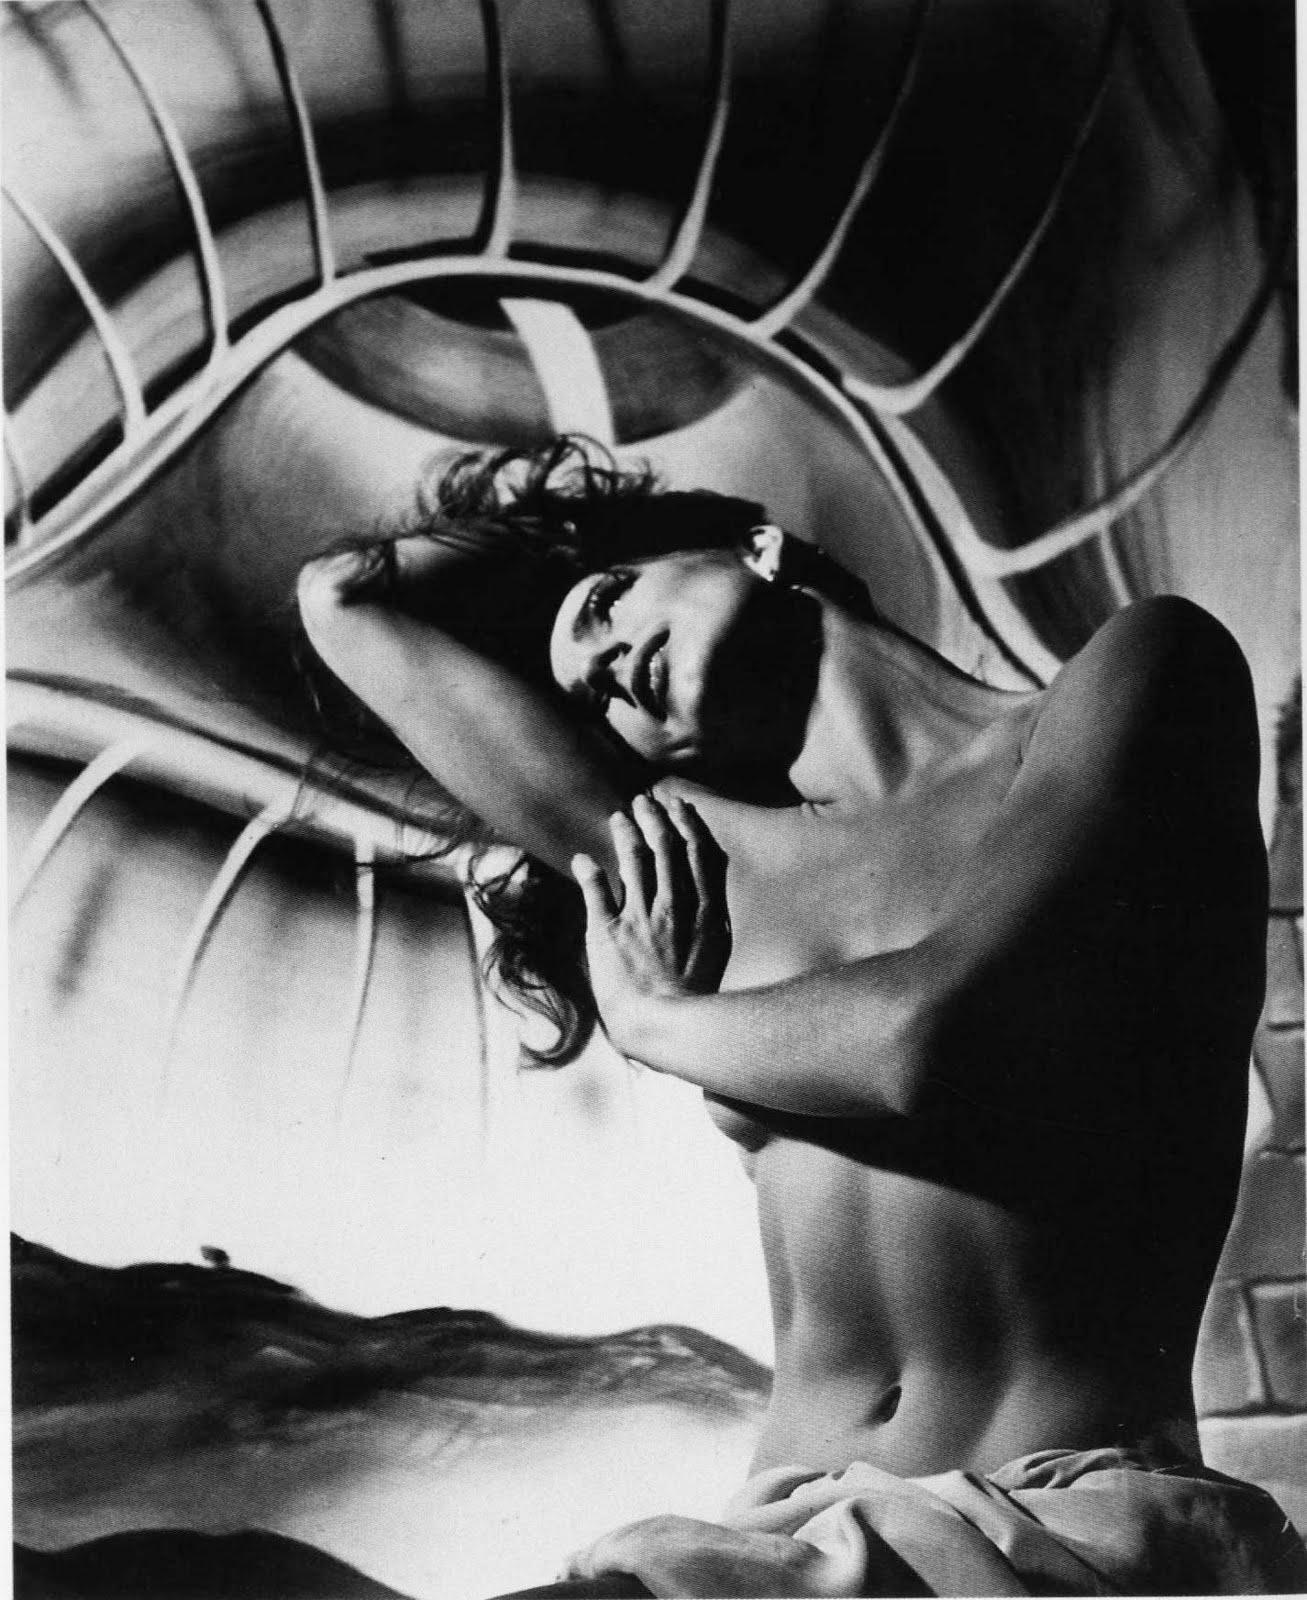 http://1.bp.blogspot.com/_yy5WF1i4o-8/S6rrsR_DBeI/AAAAAAAAA38/3ITsf71eWhI/s1600/dancer-1946-copy.jpg